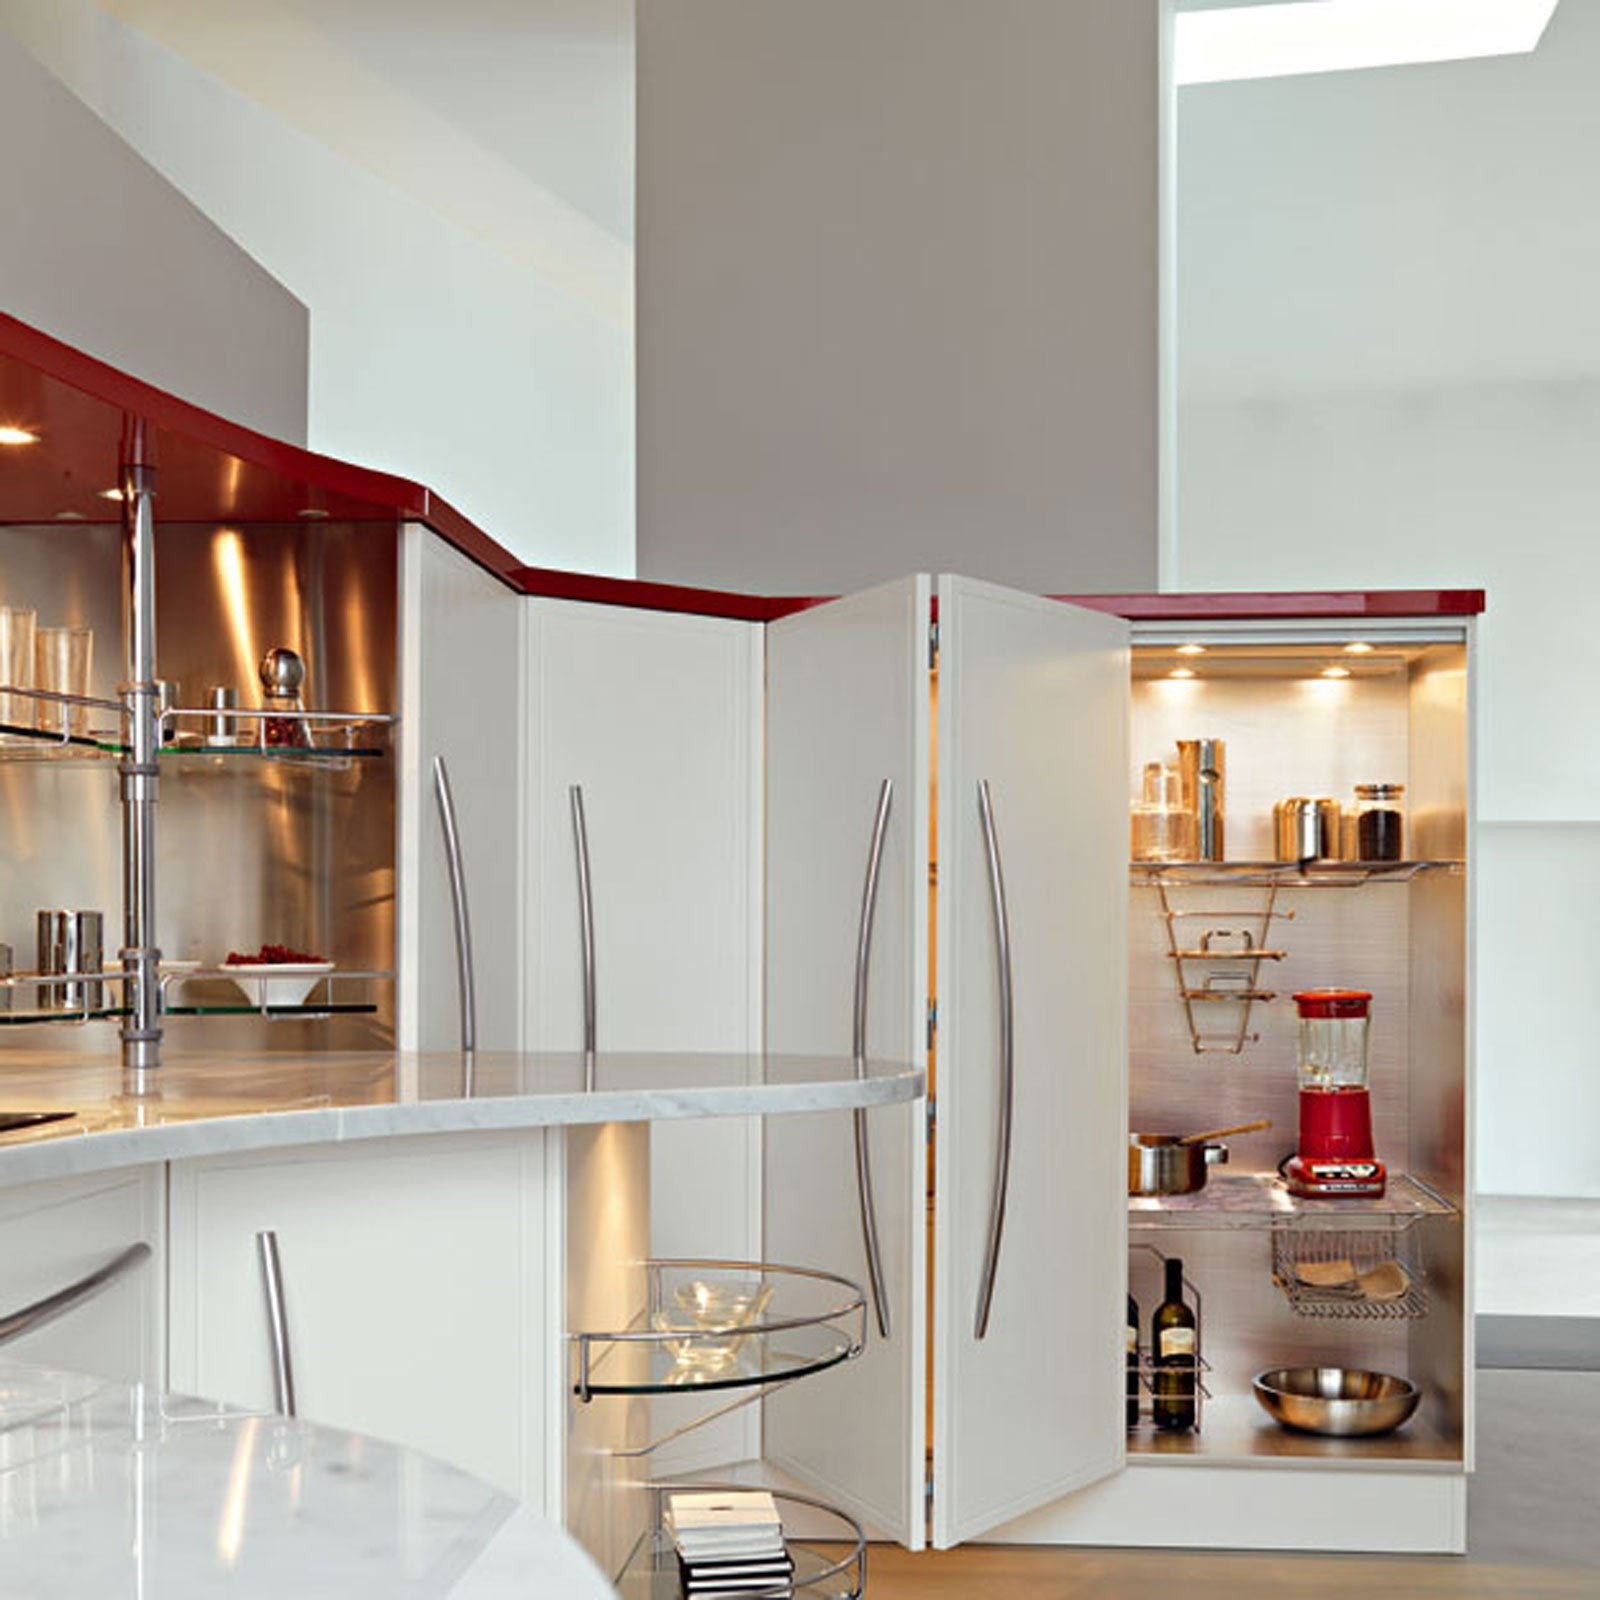 Faretti sottopensile cucina : illuminazione sottopensile cucina ...